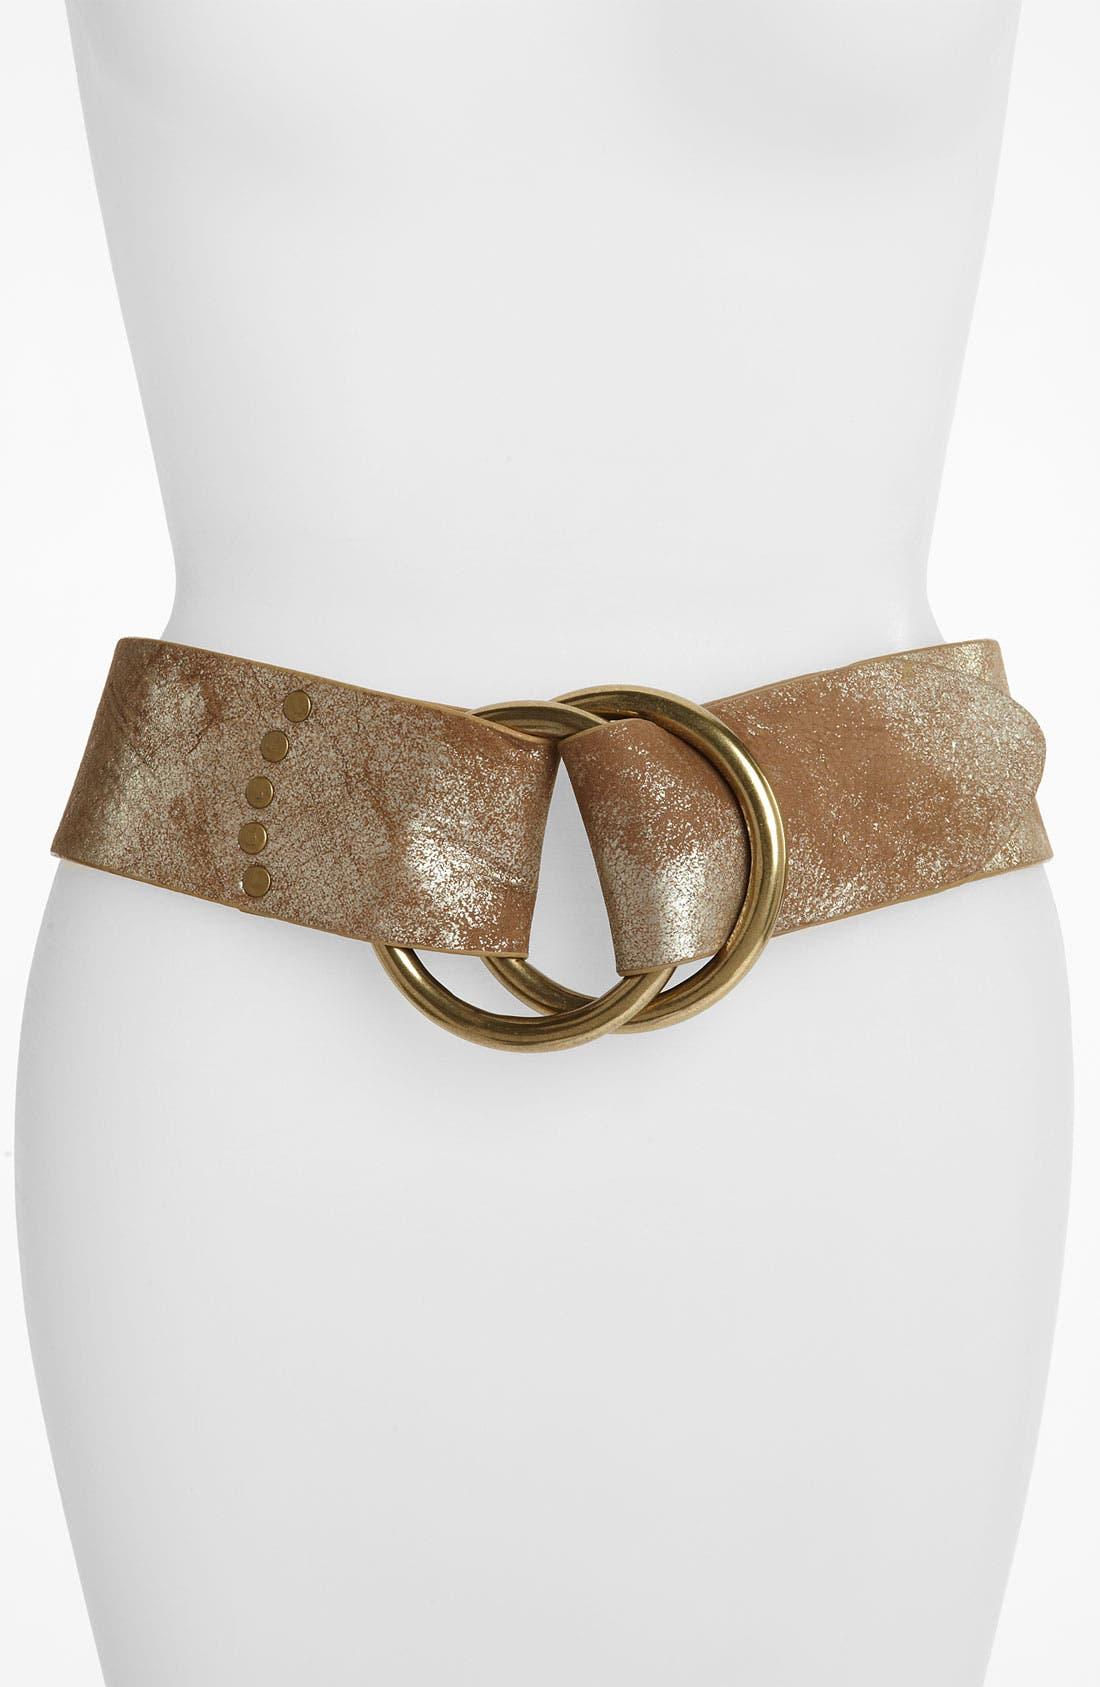 Main Image - Lauren Ralph Lauren Metallic Washed Leather Double Ring Belt